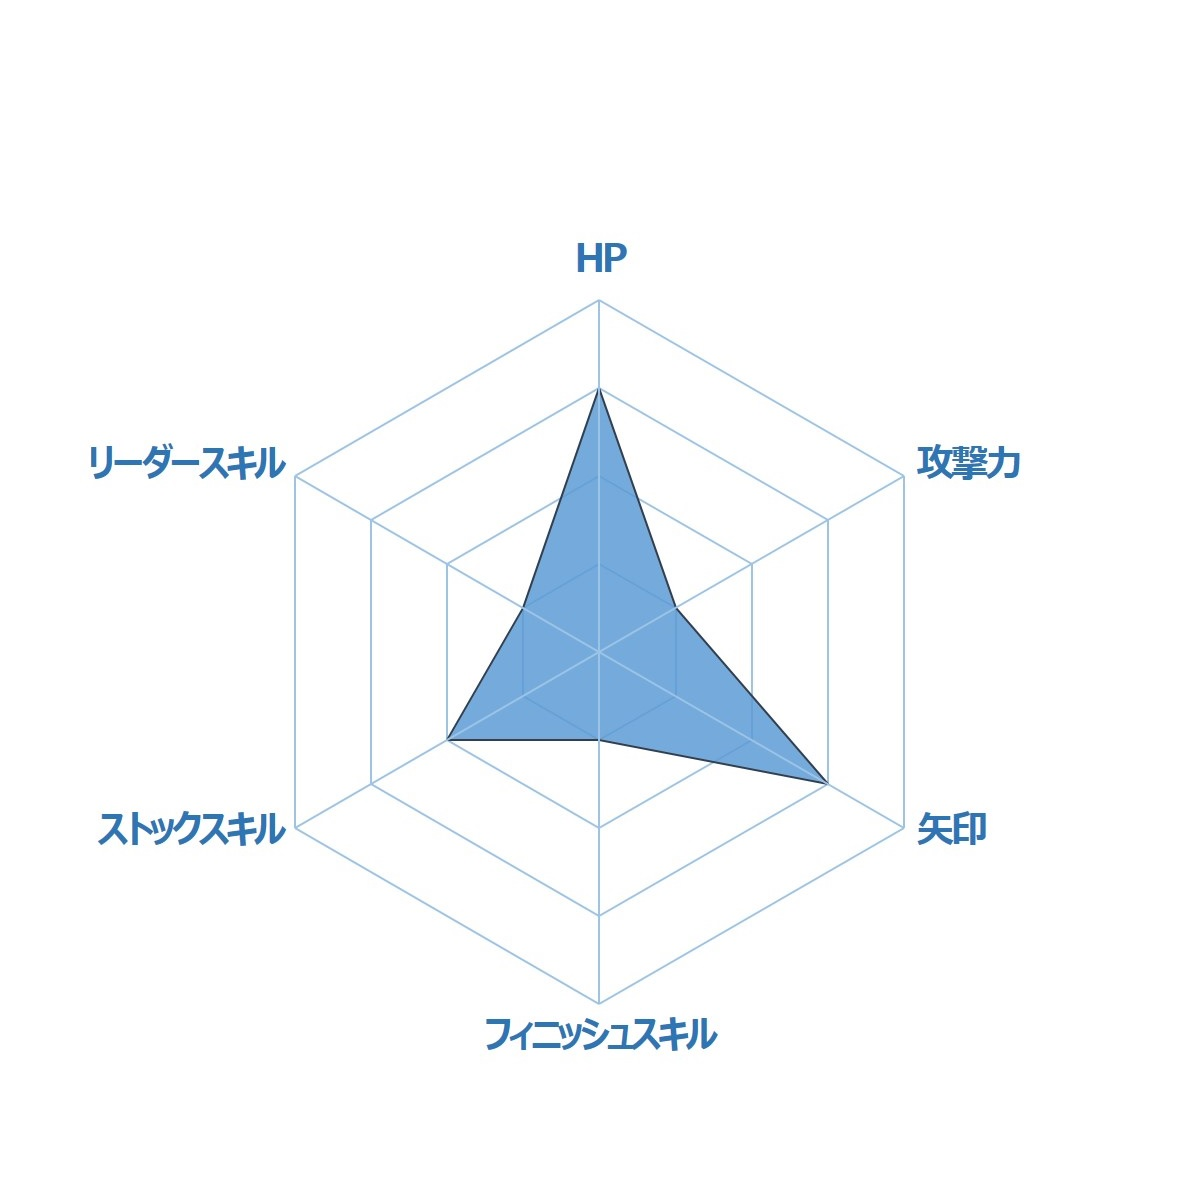 ガルズモンズ【キャラ性能・評価】備長炭ドラゴン